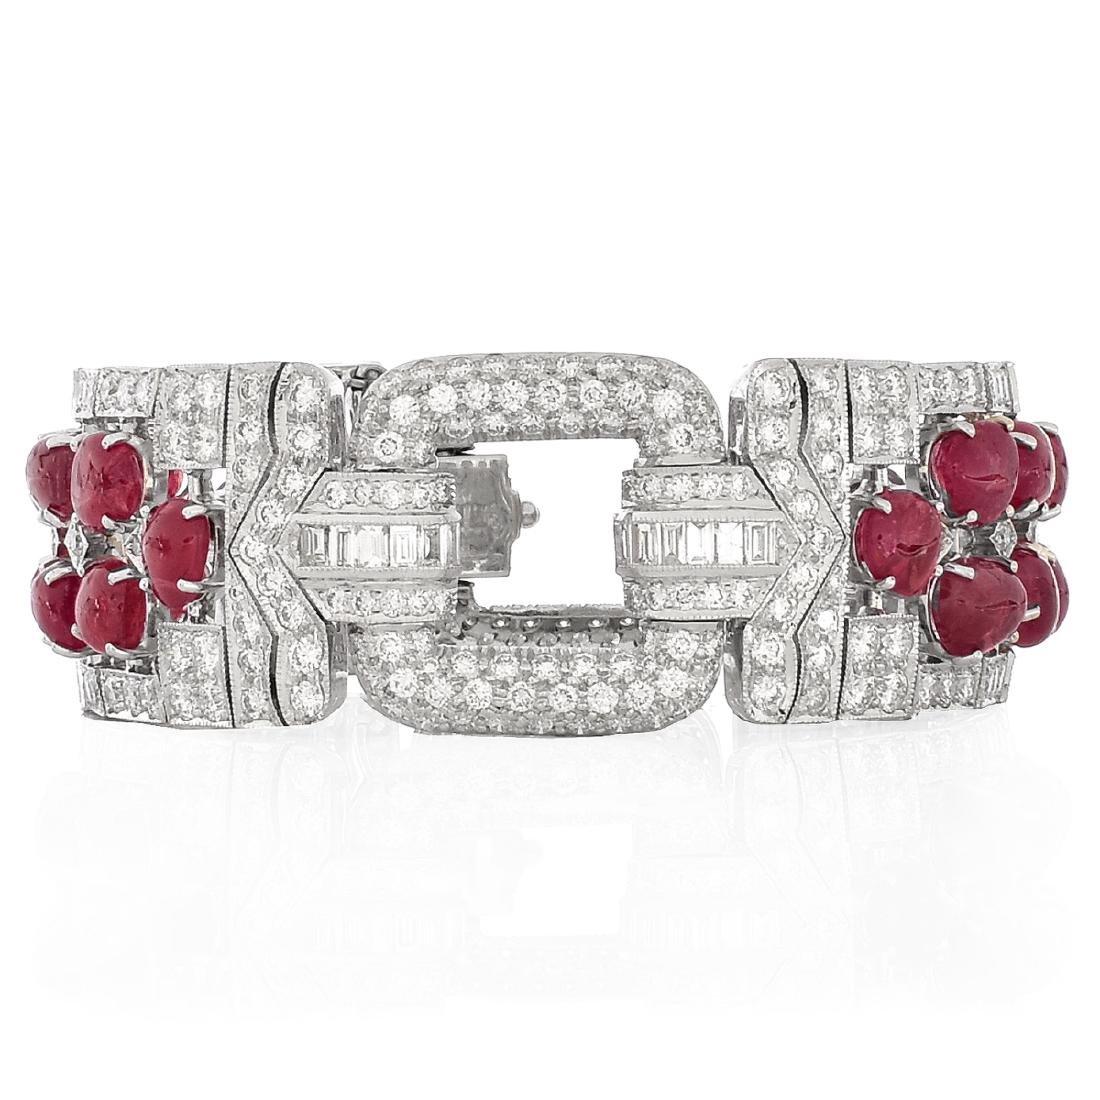 Ruby, Diamond and 18K Gold Bracelet